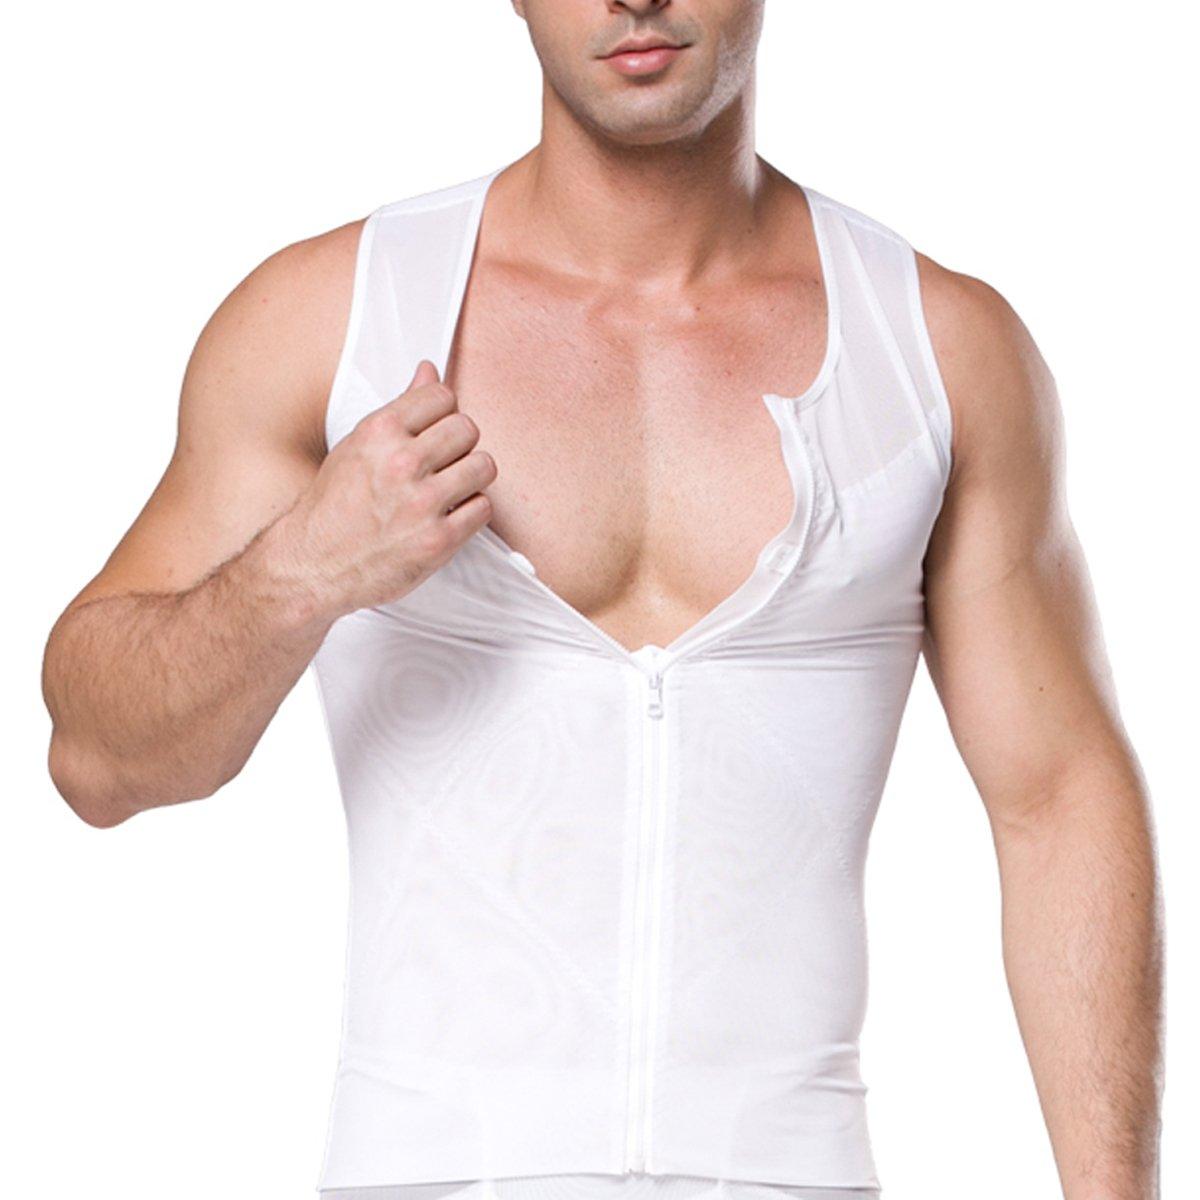 Mirecoo Herren Slim fit Netz Bauch-K/örper-Former abnehmend Shirt Kompressionsshirt Weste